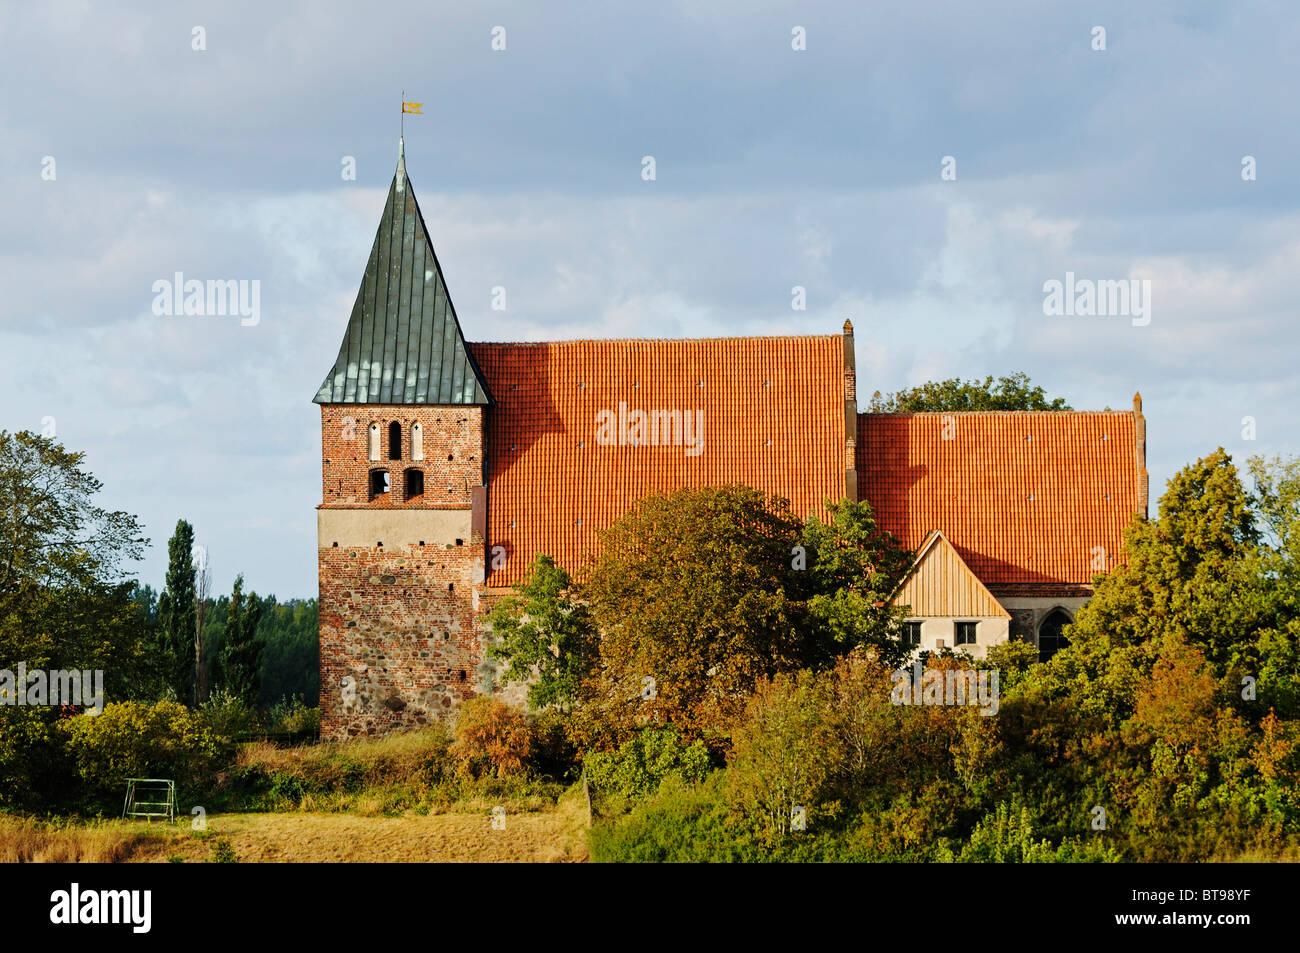 St. Paul church, oldest stone church on Ruegen, Bobbin village, Jasmund peninsula, Ruegen Island, Mecklenburg-Western - Stock Image